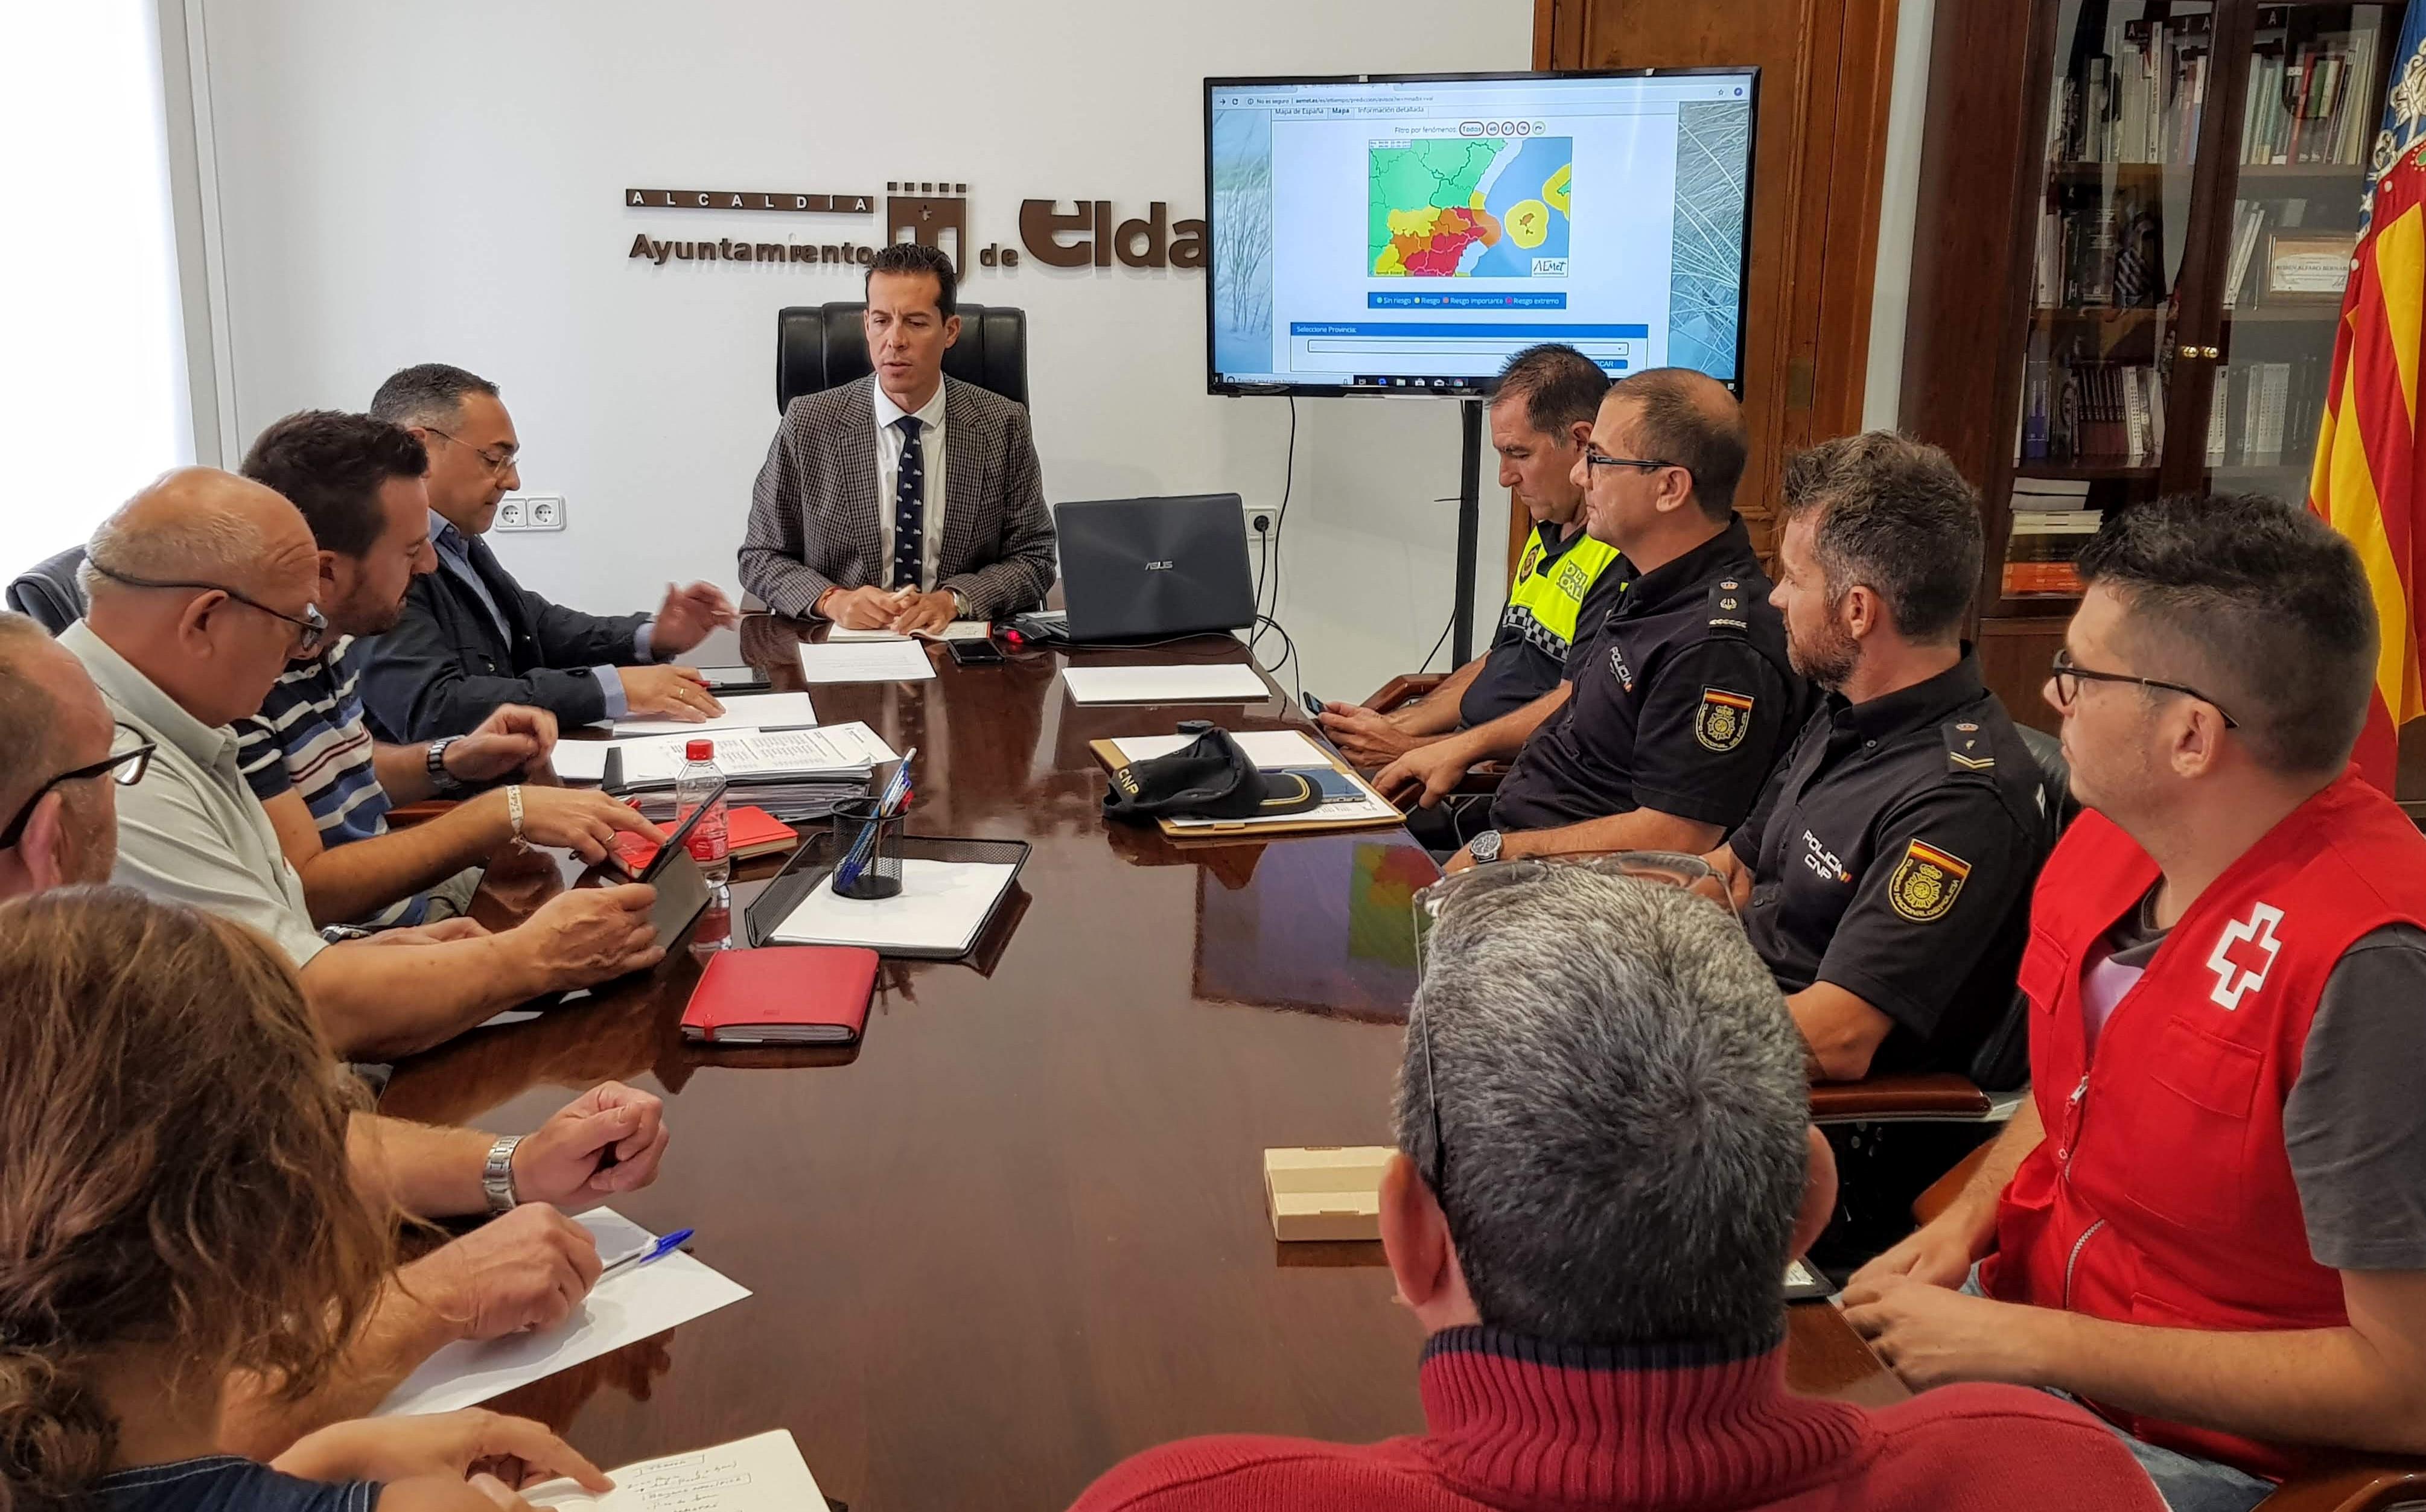 El Ayuntamiento de Elda suspende las clases para mañana jueves al decretarse el nivel rojo de aviso por tormentas y lluvias